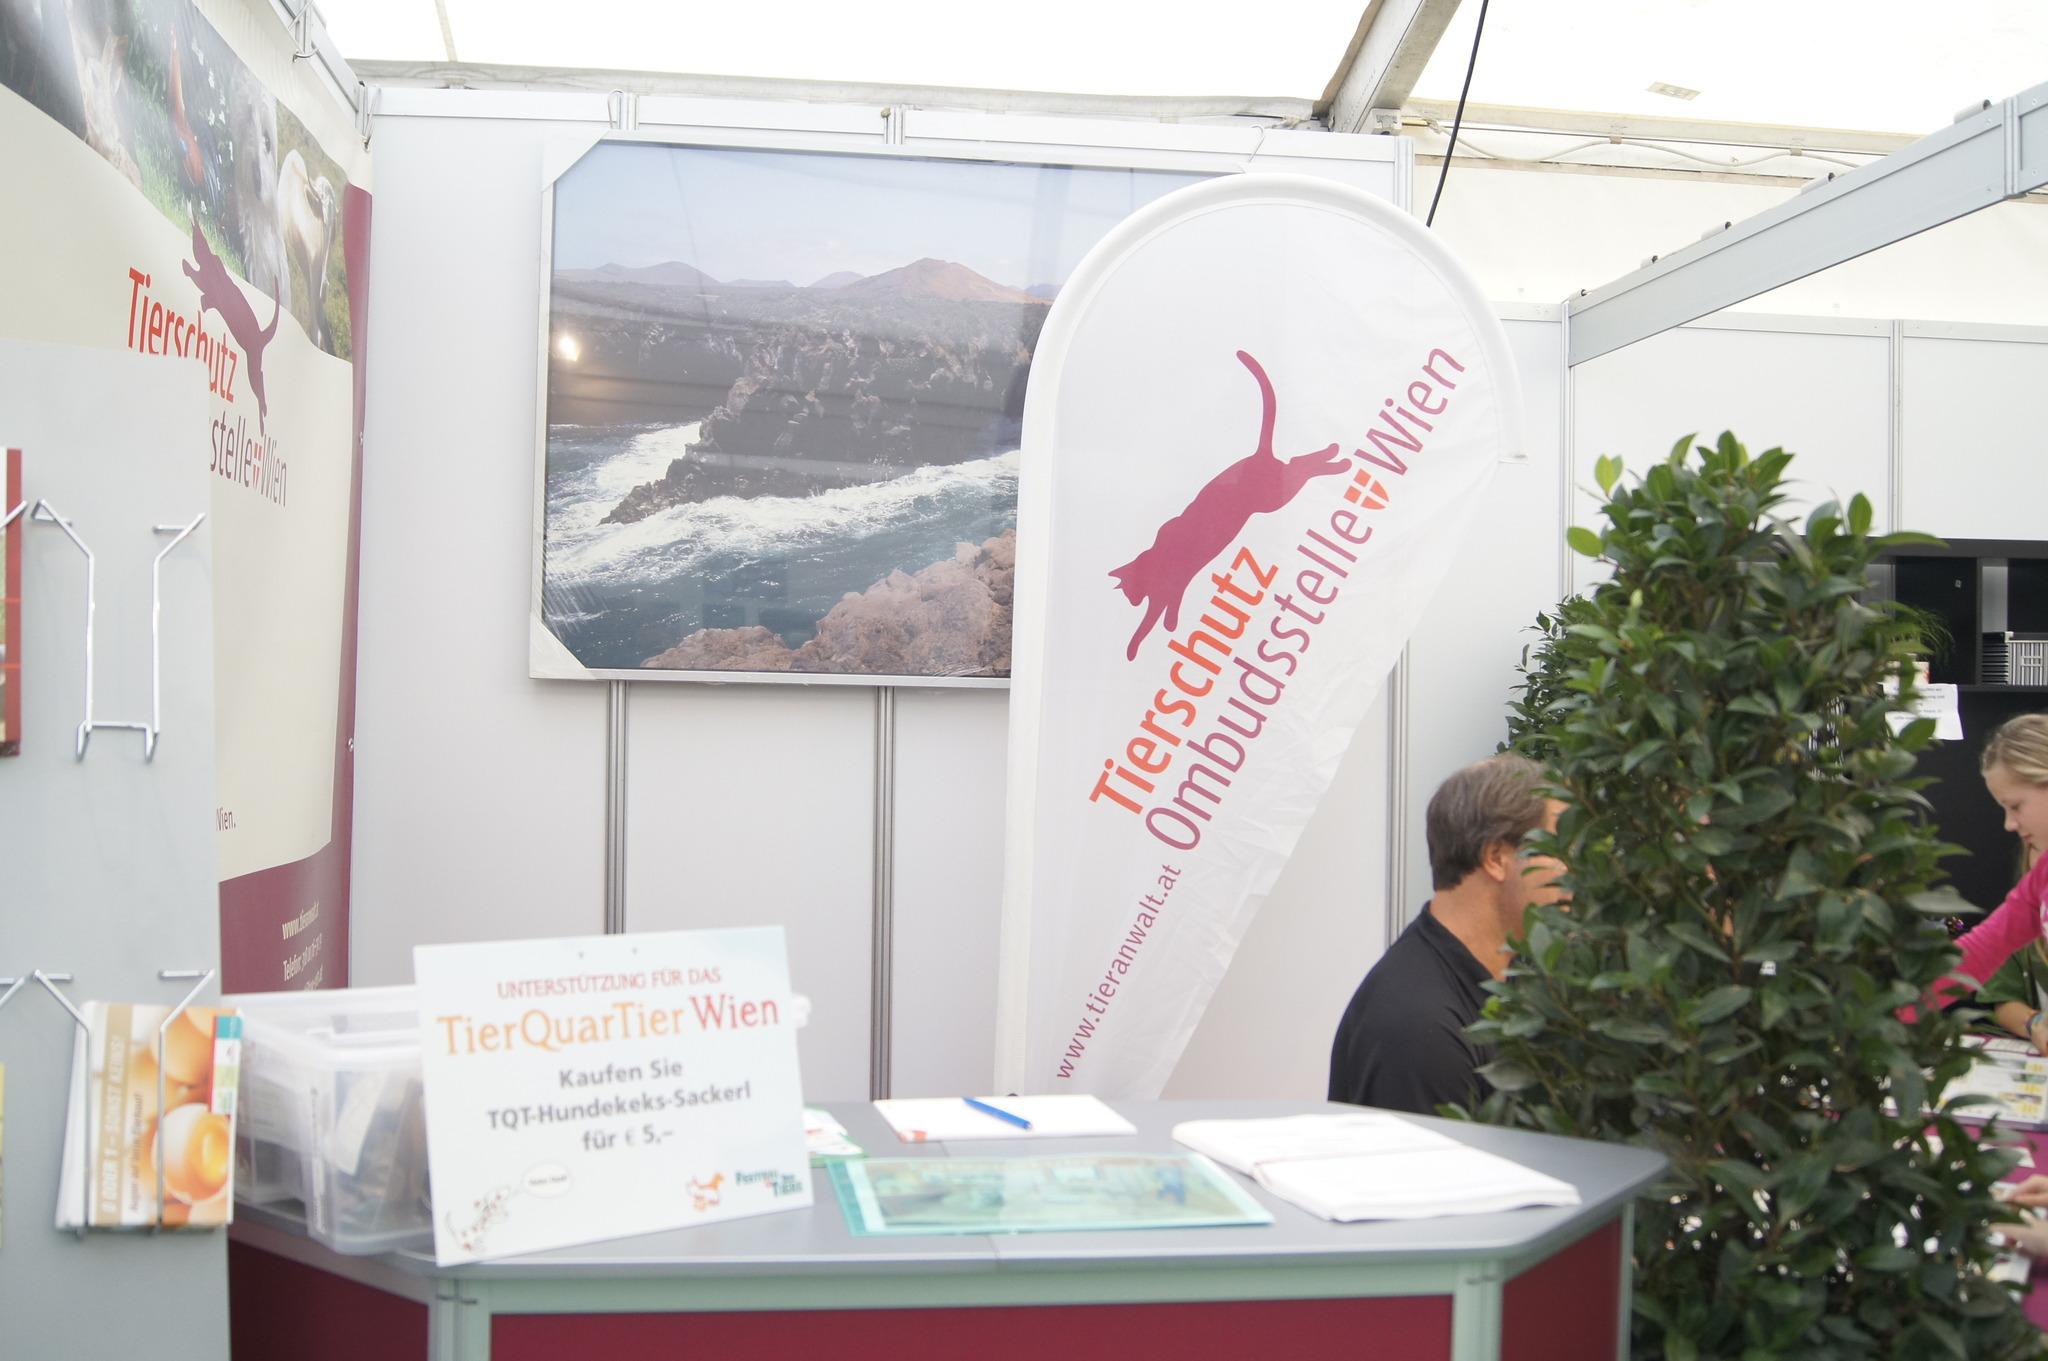 Tierfestival für Tierfreunde auf der Wiener Donauinsel Leopoldstadt